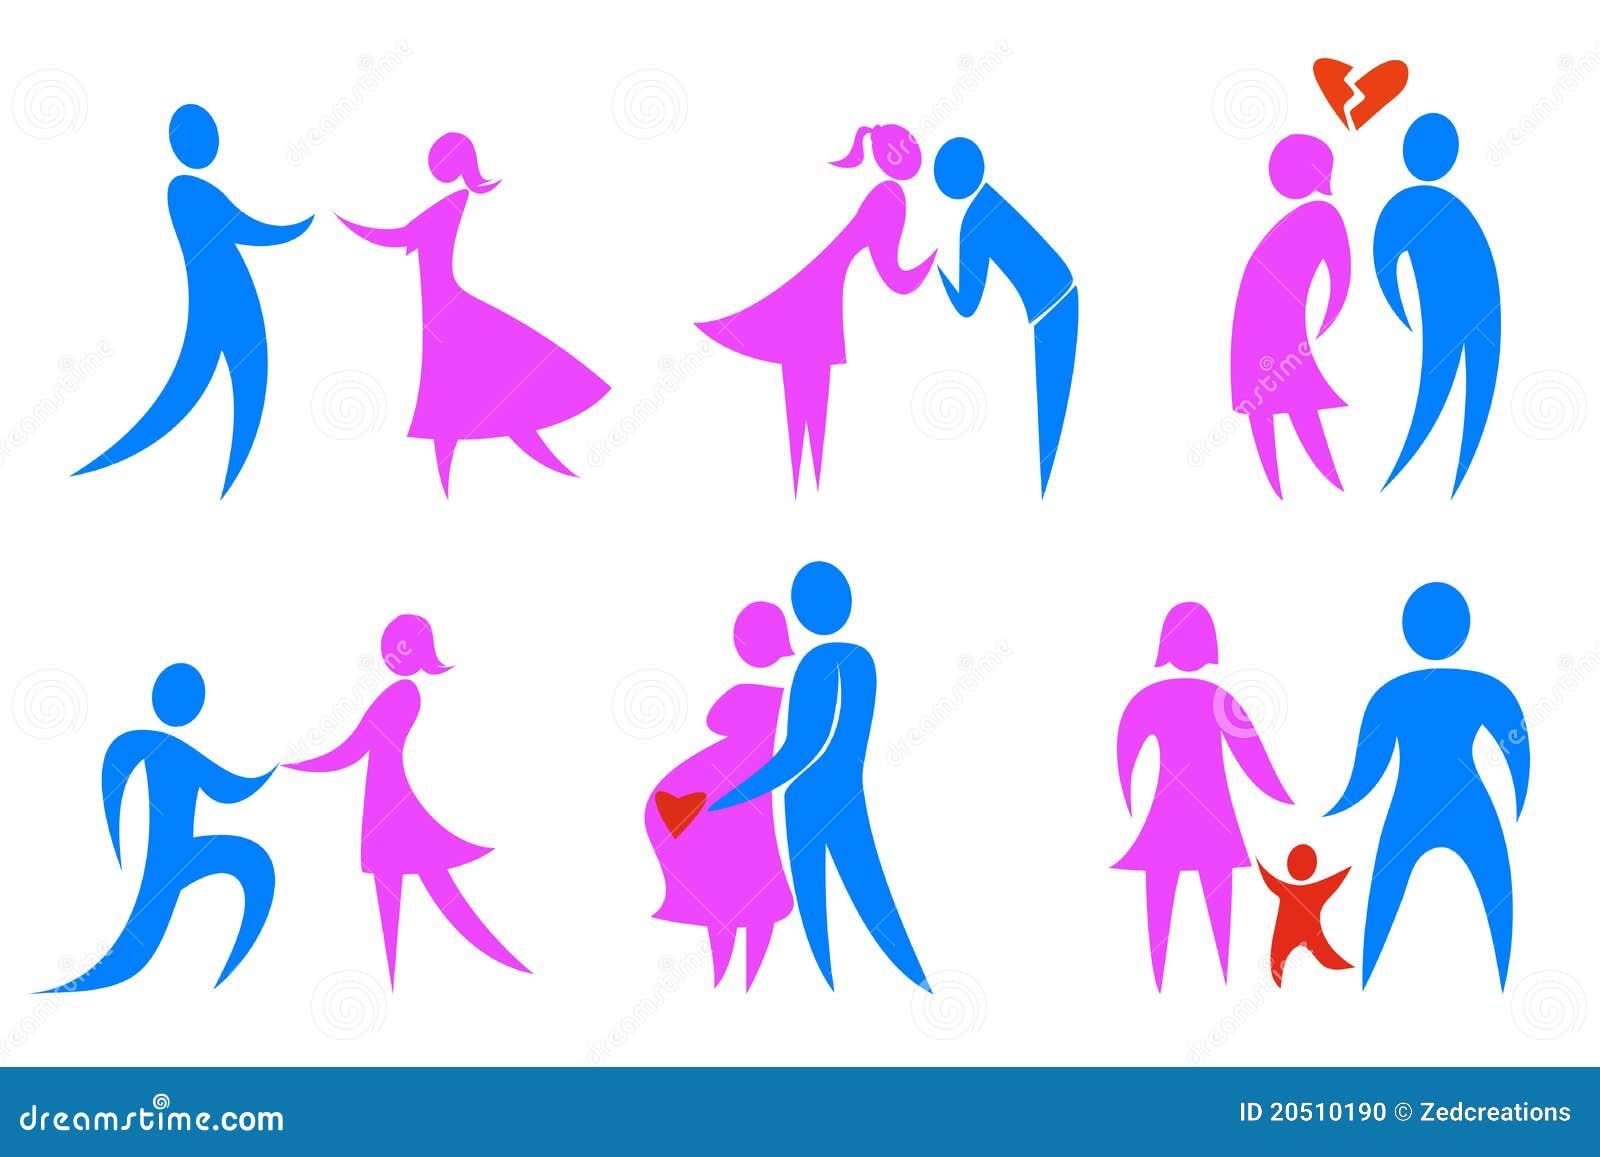 Iconos del concepto de familia ilustraci n del vector for Concepto de la familia para ninos